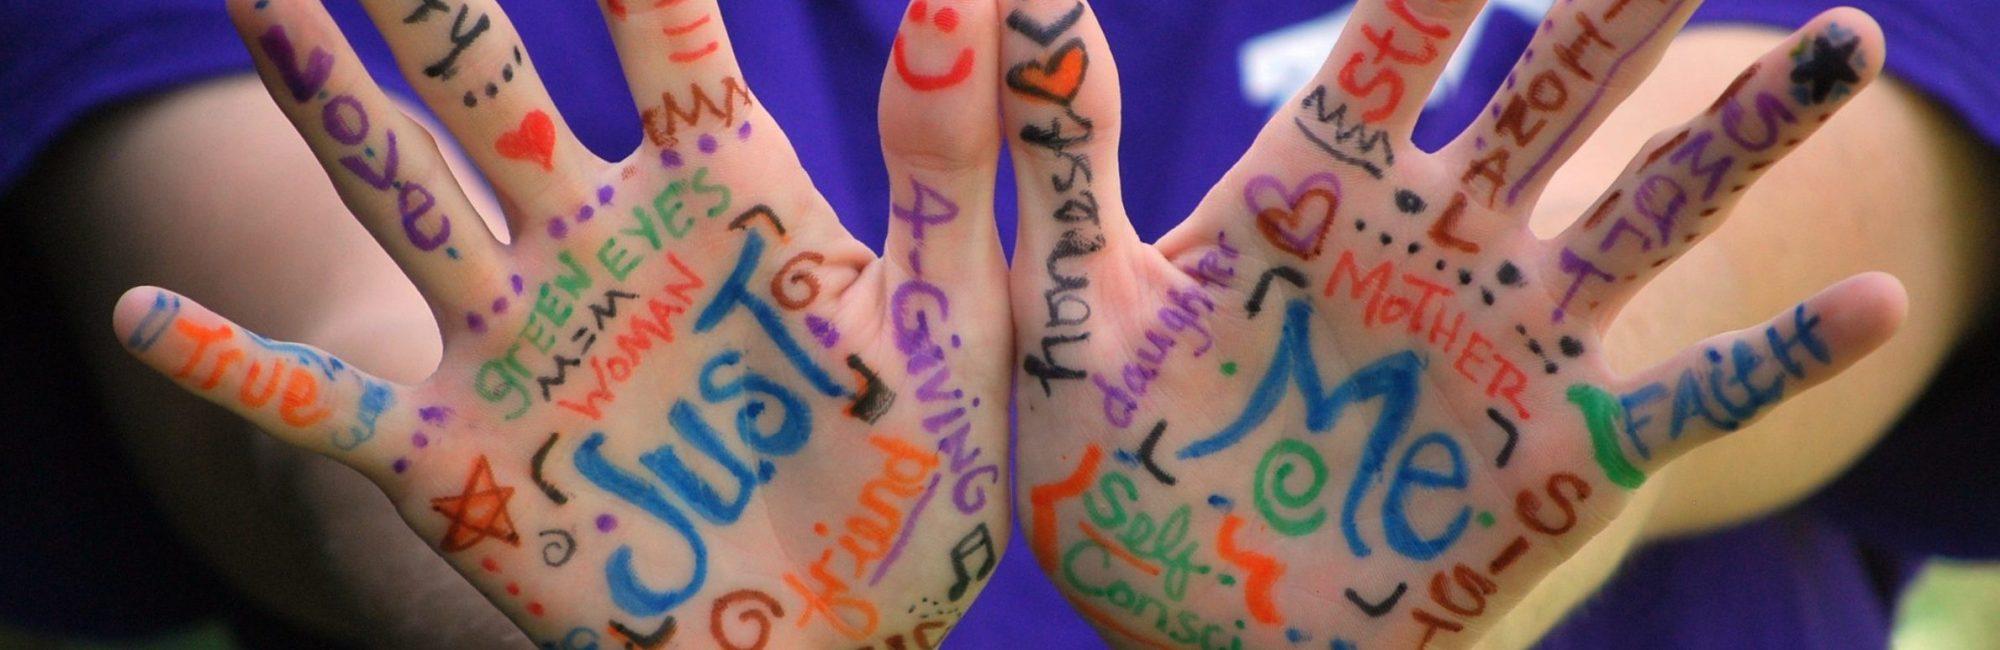 hands-423794